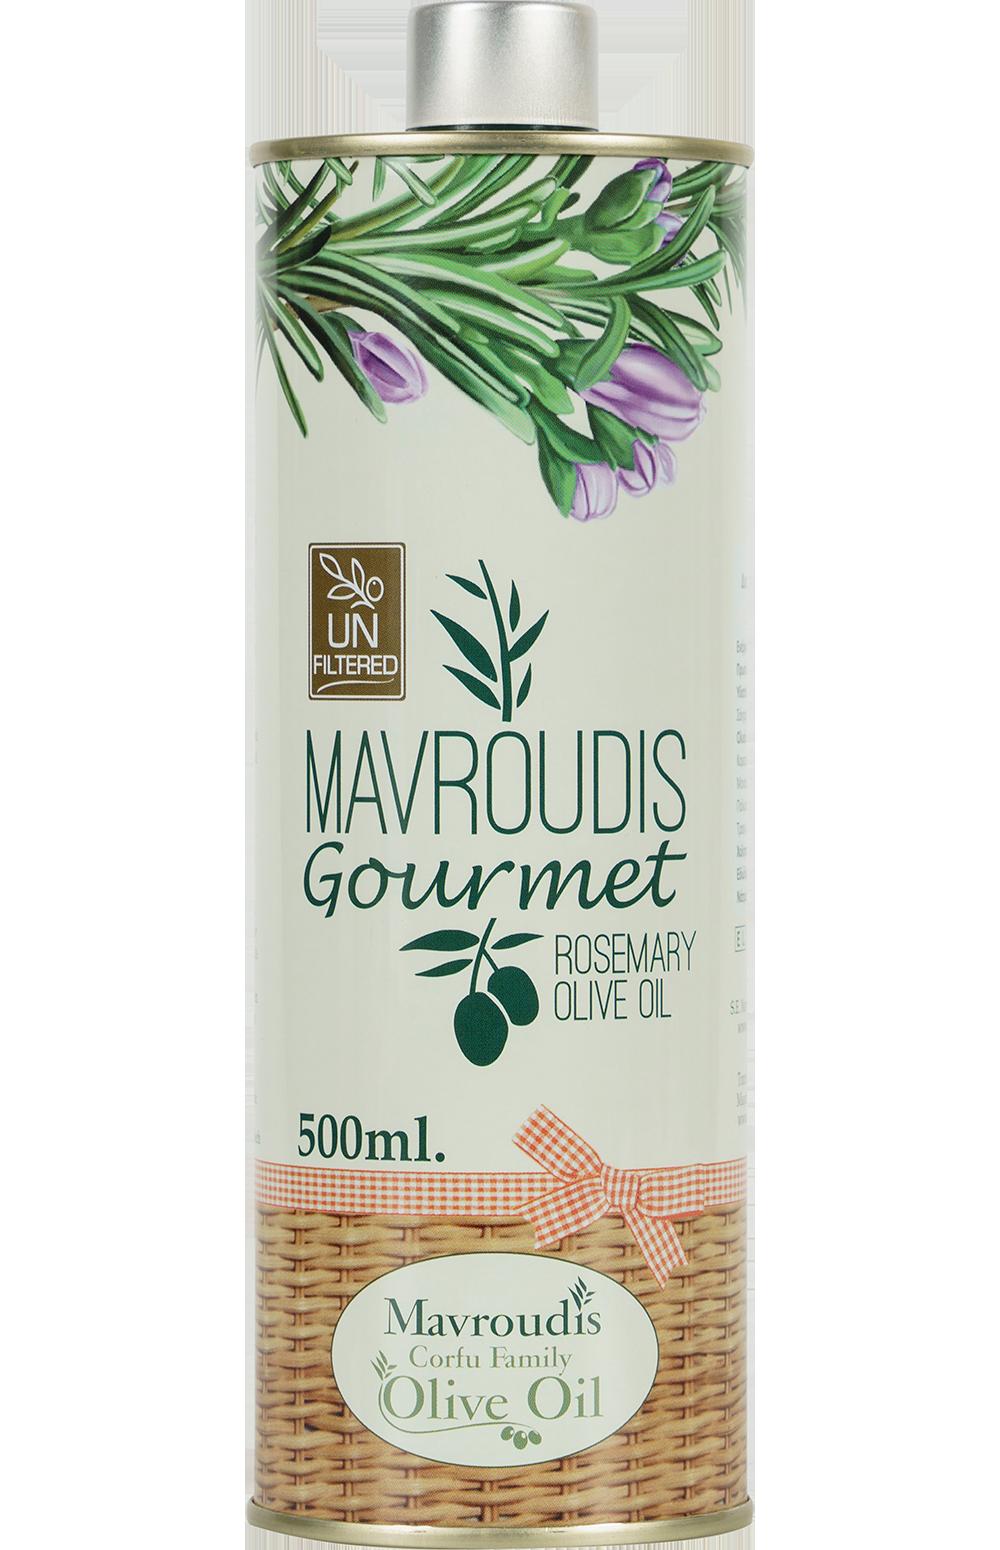 Mavroudis Gourmet Rosemary